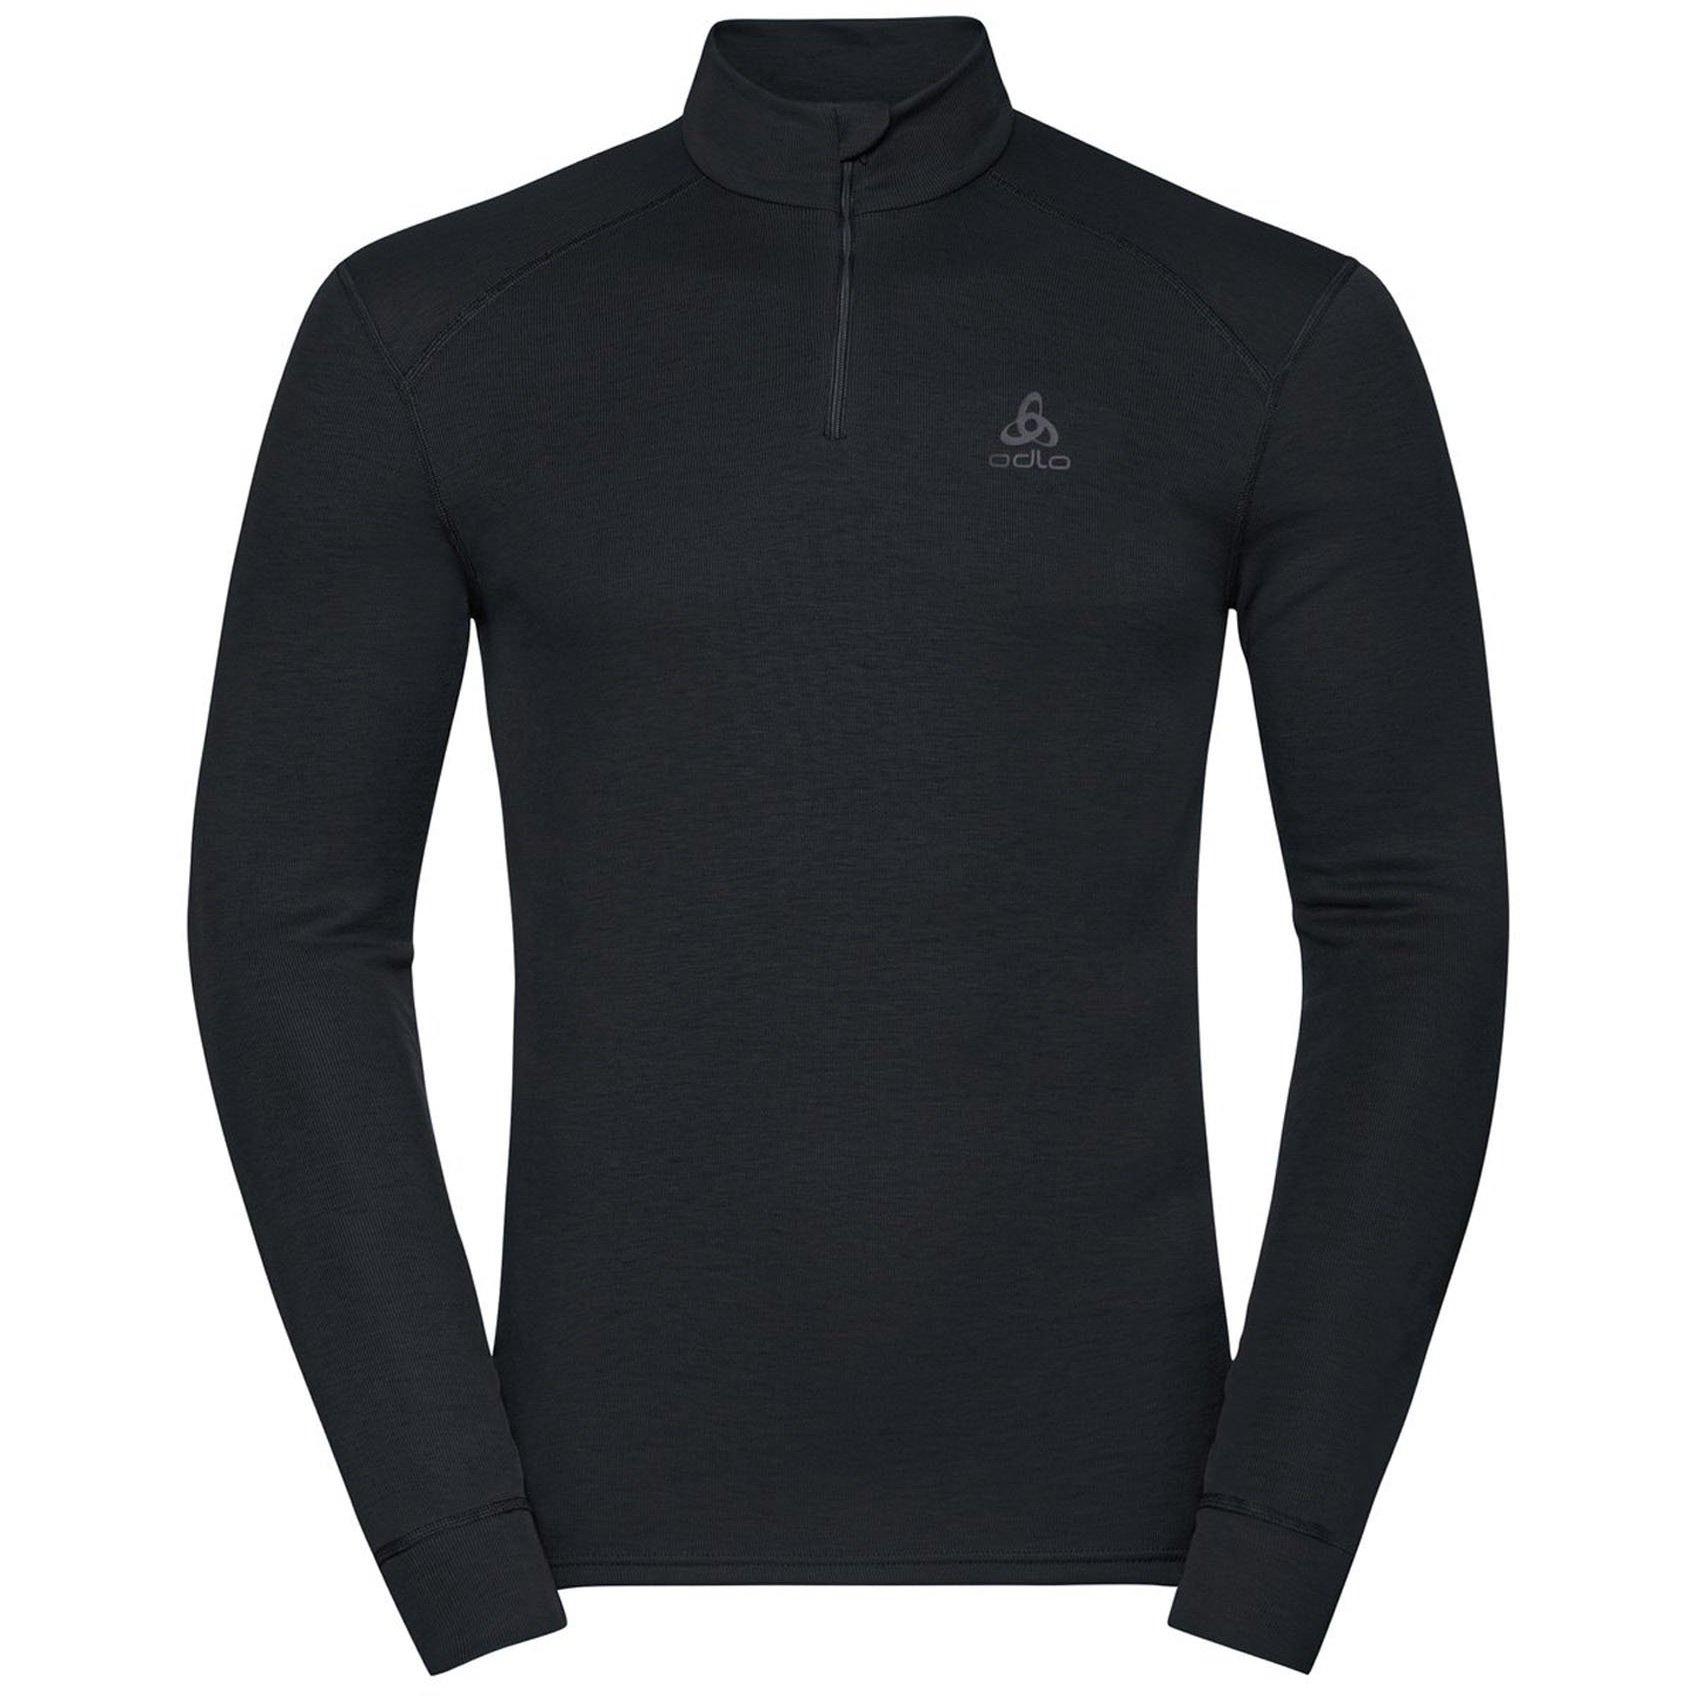 odlo-active-warm-eco-t-shirt-montant-zippe-homme